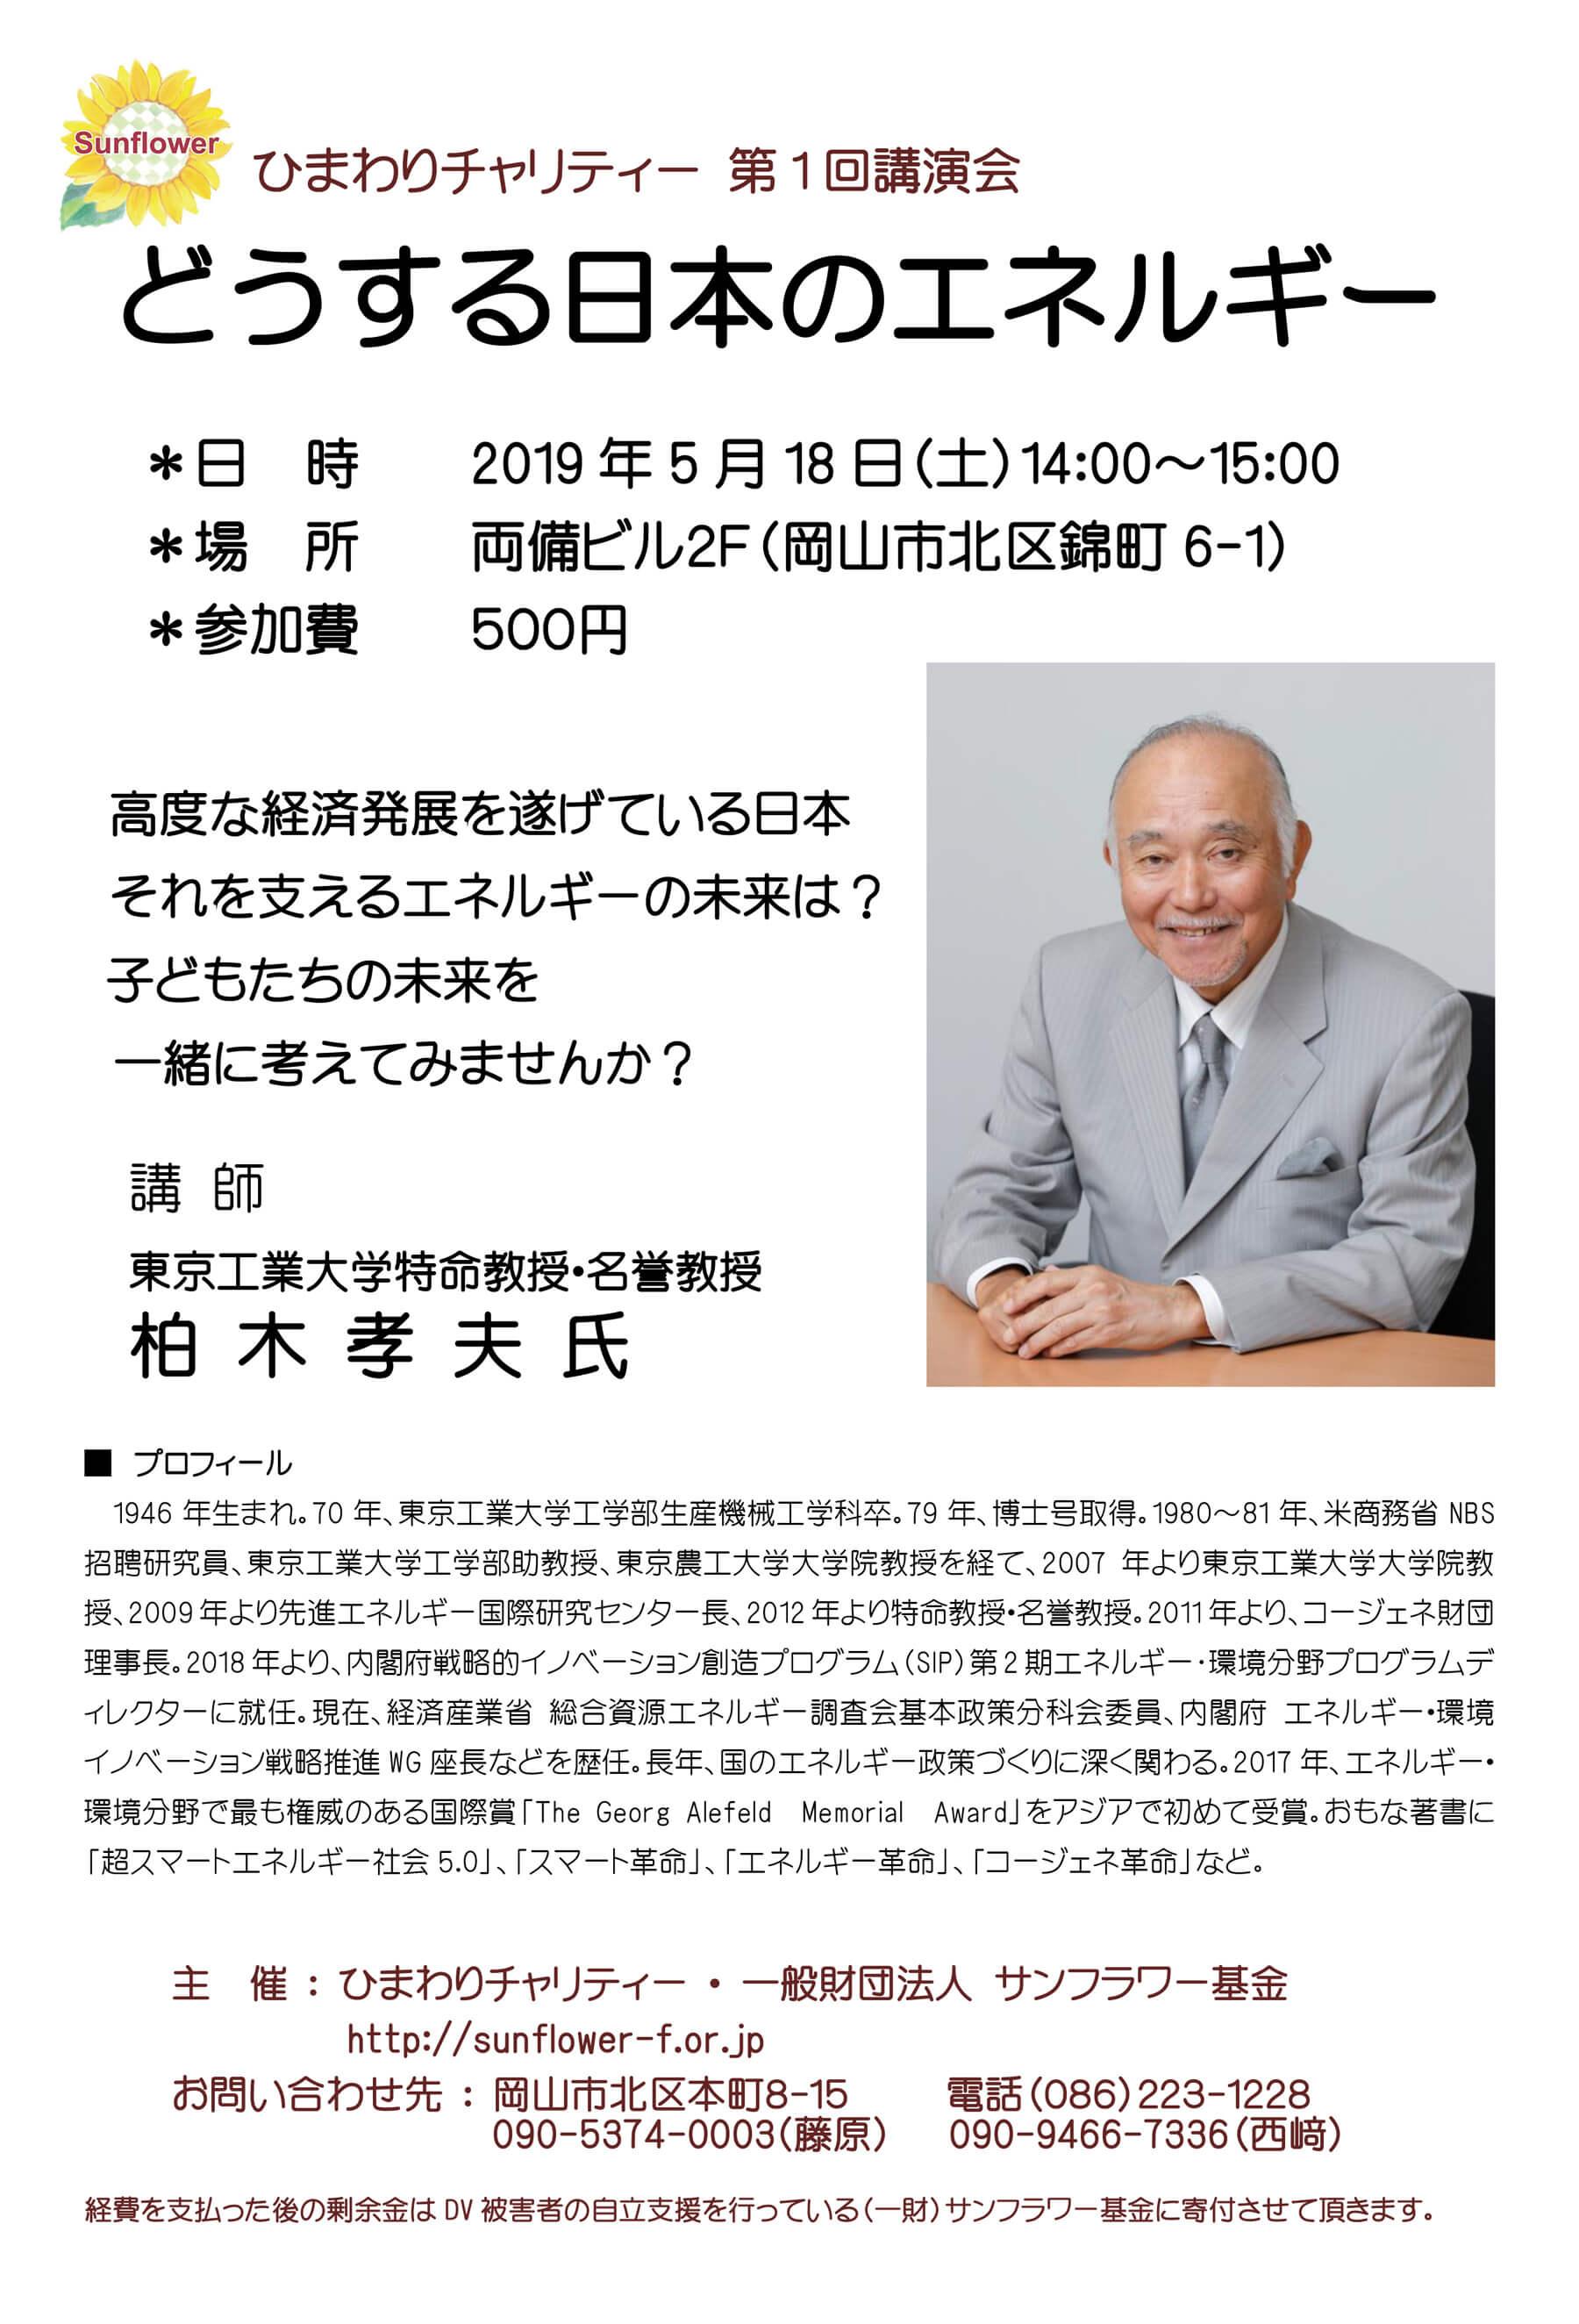 2019年5月18日ひまわりチャリティー 第1回講演会 【どうする日本のエネルギー】